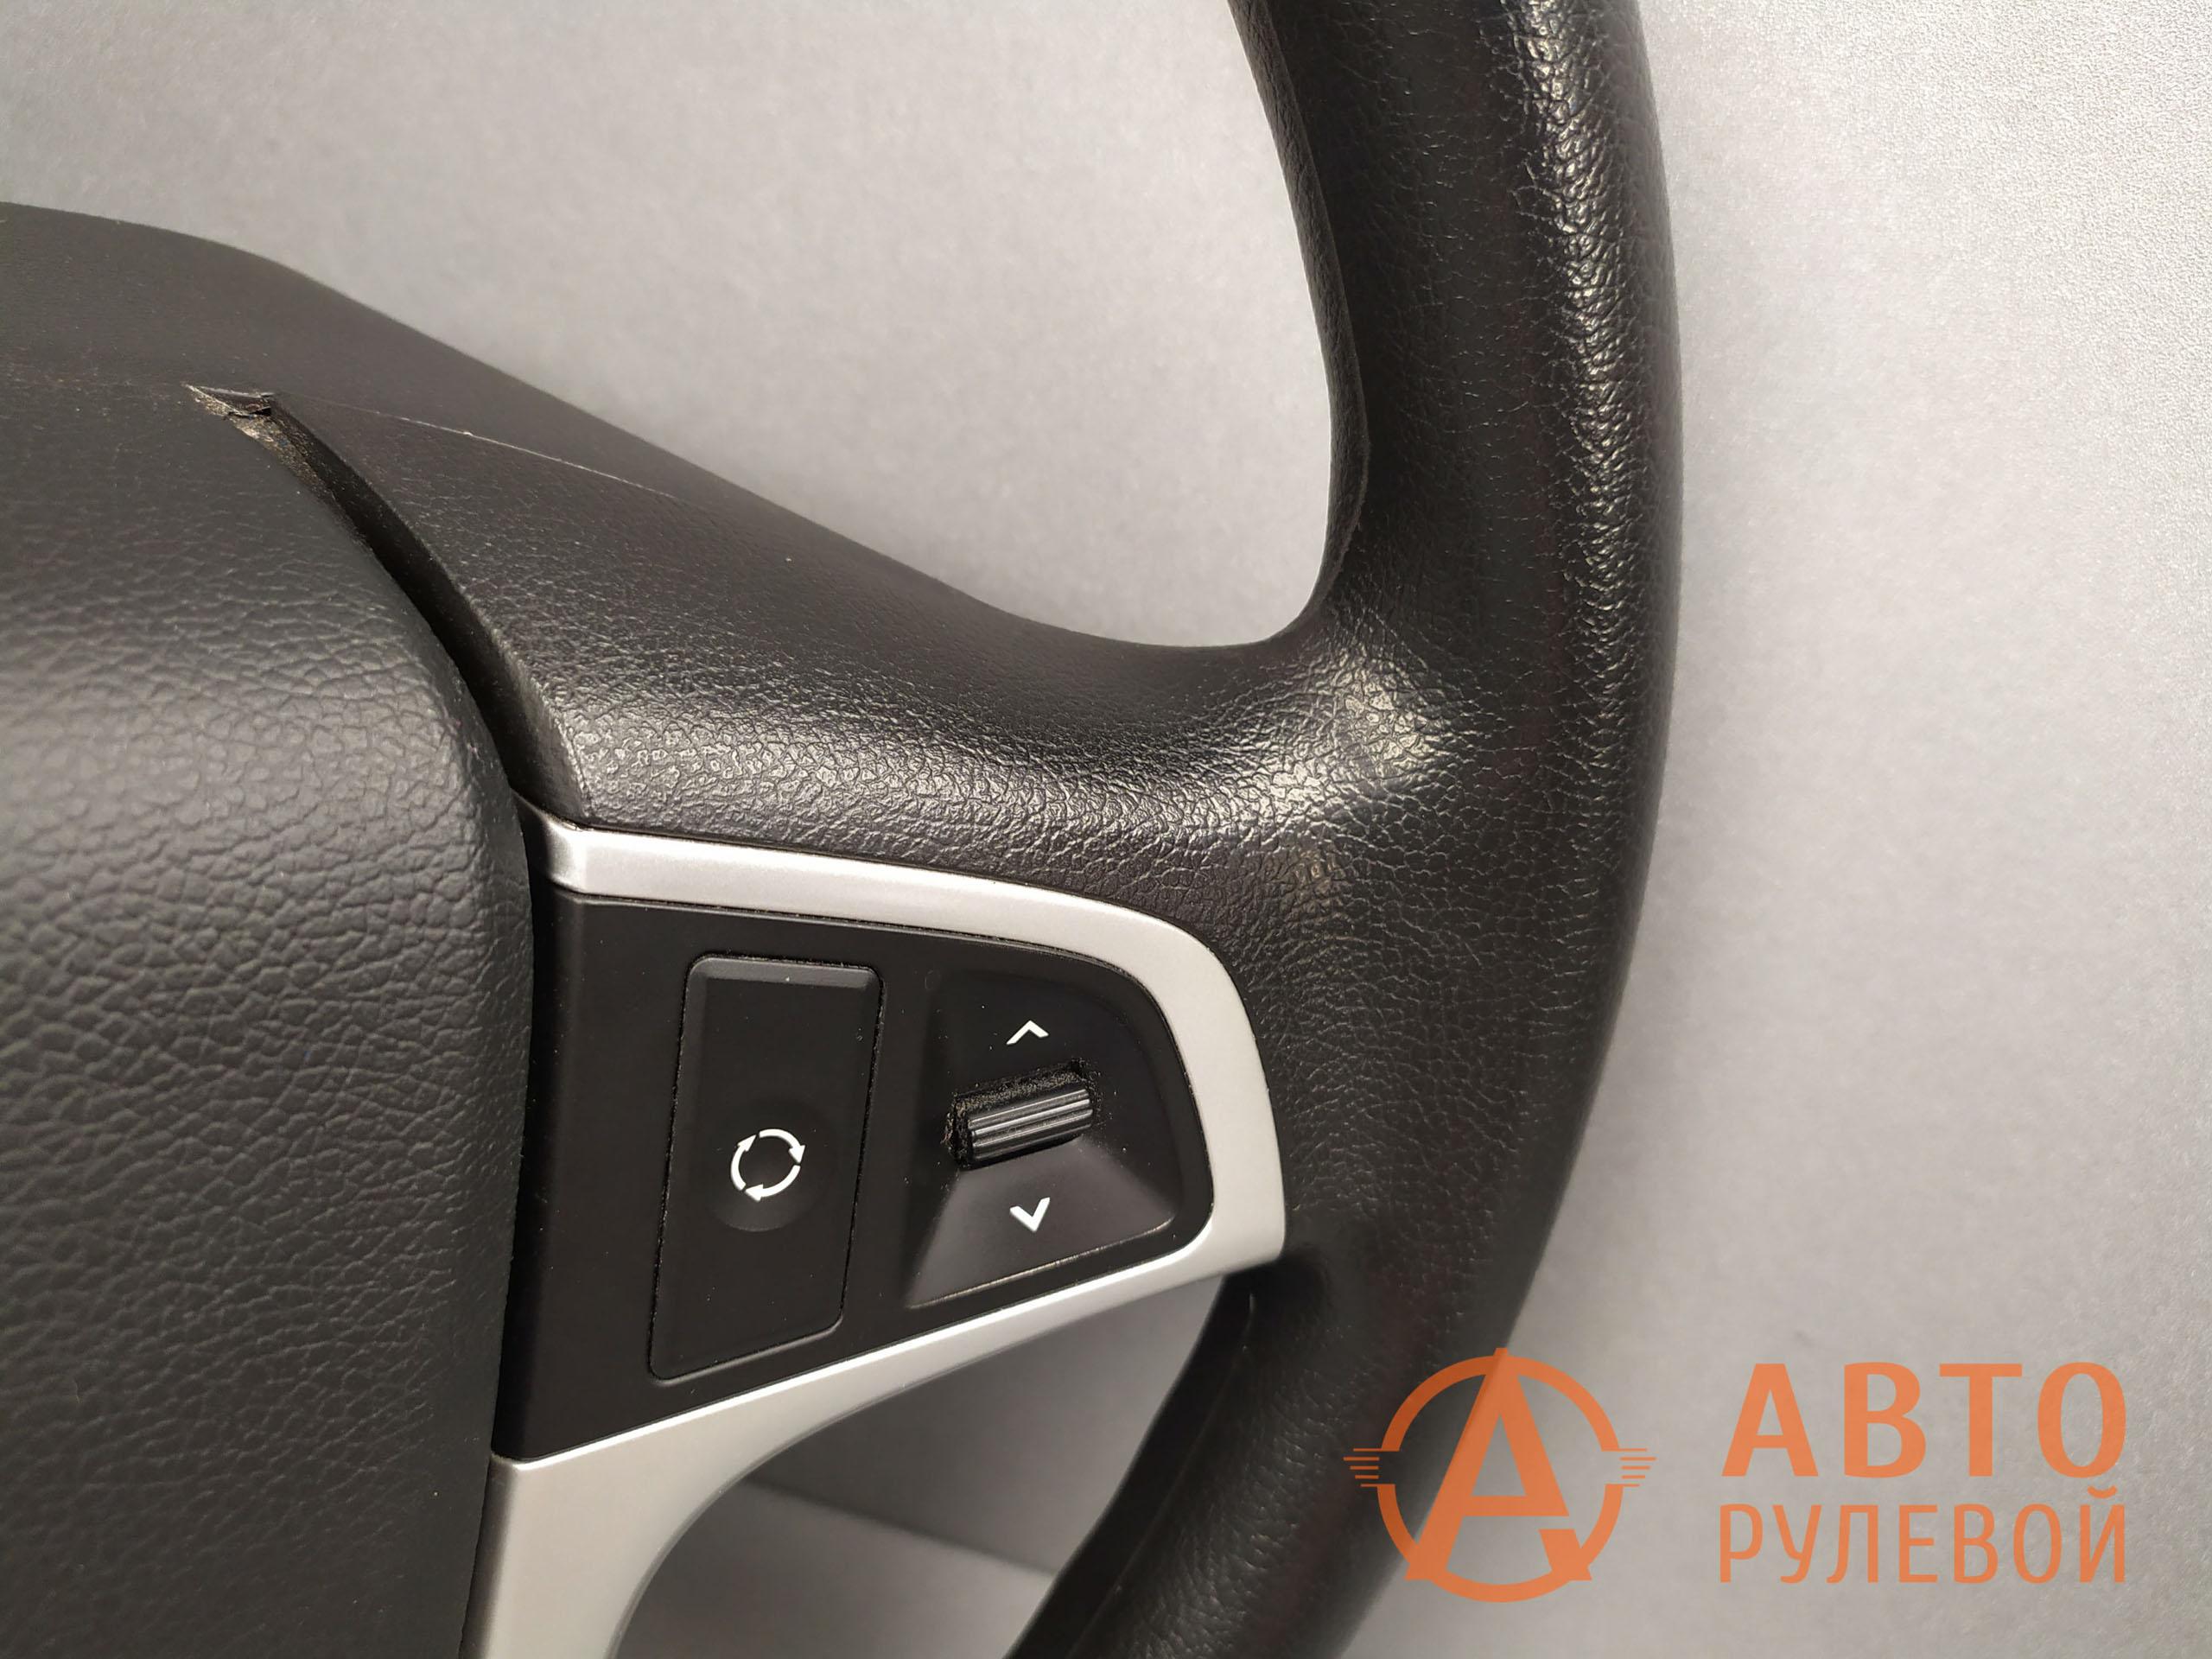 Руль Hyundai Solaris 1 поколение 2012 год до перетяжки - 5